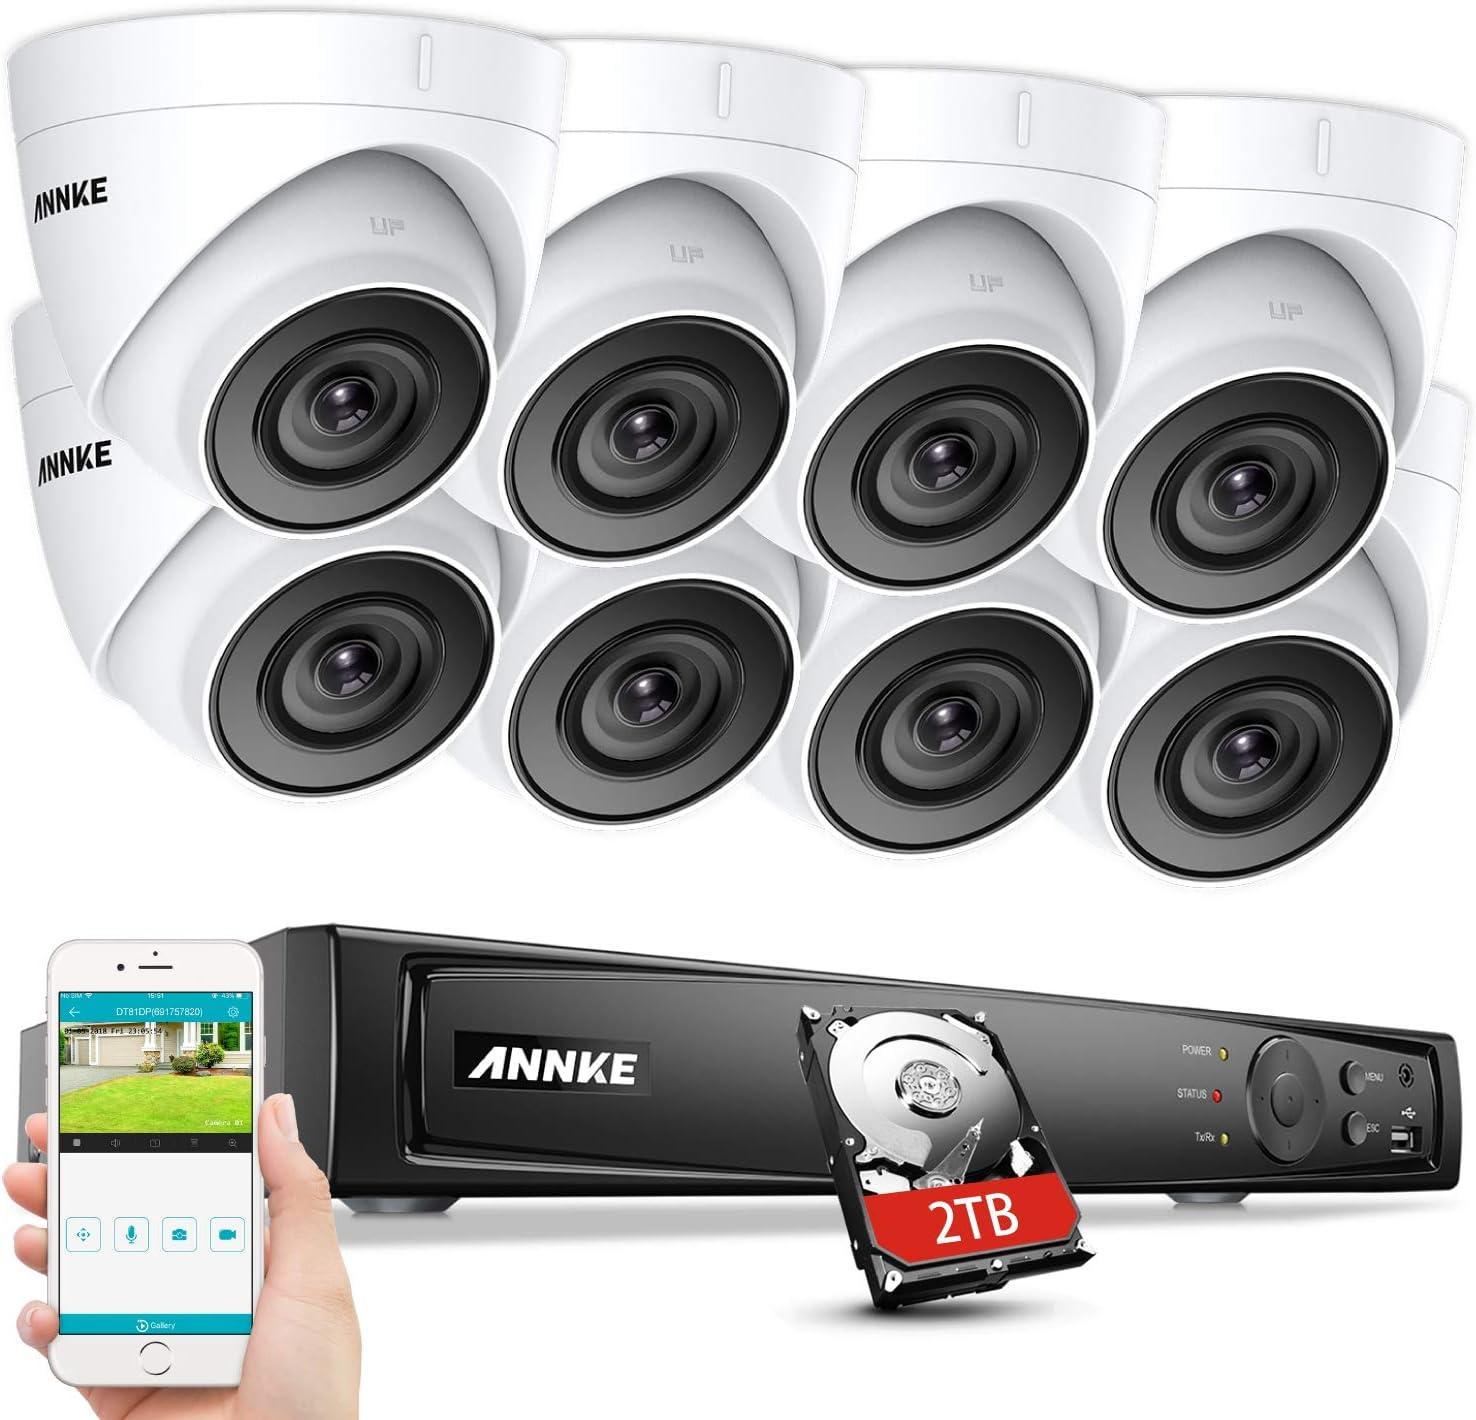 ANNKE H.265 Pro+ 5MP PoE Überwachungskamera System Set - Videoüberwachung